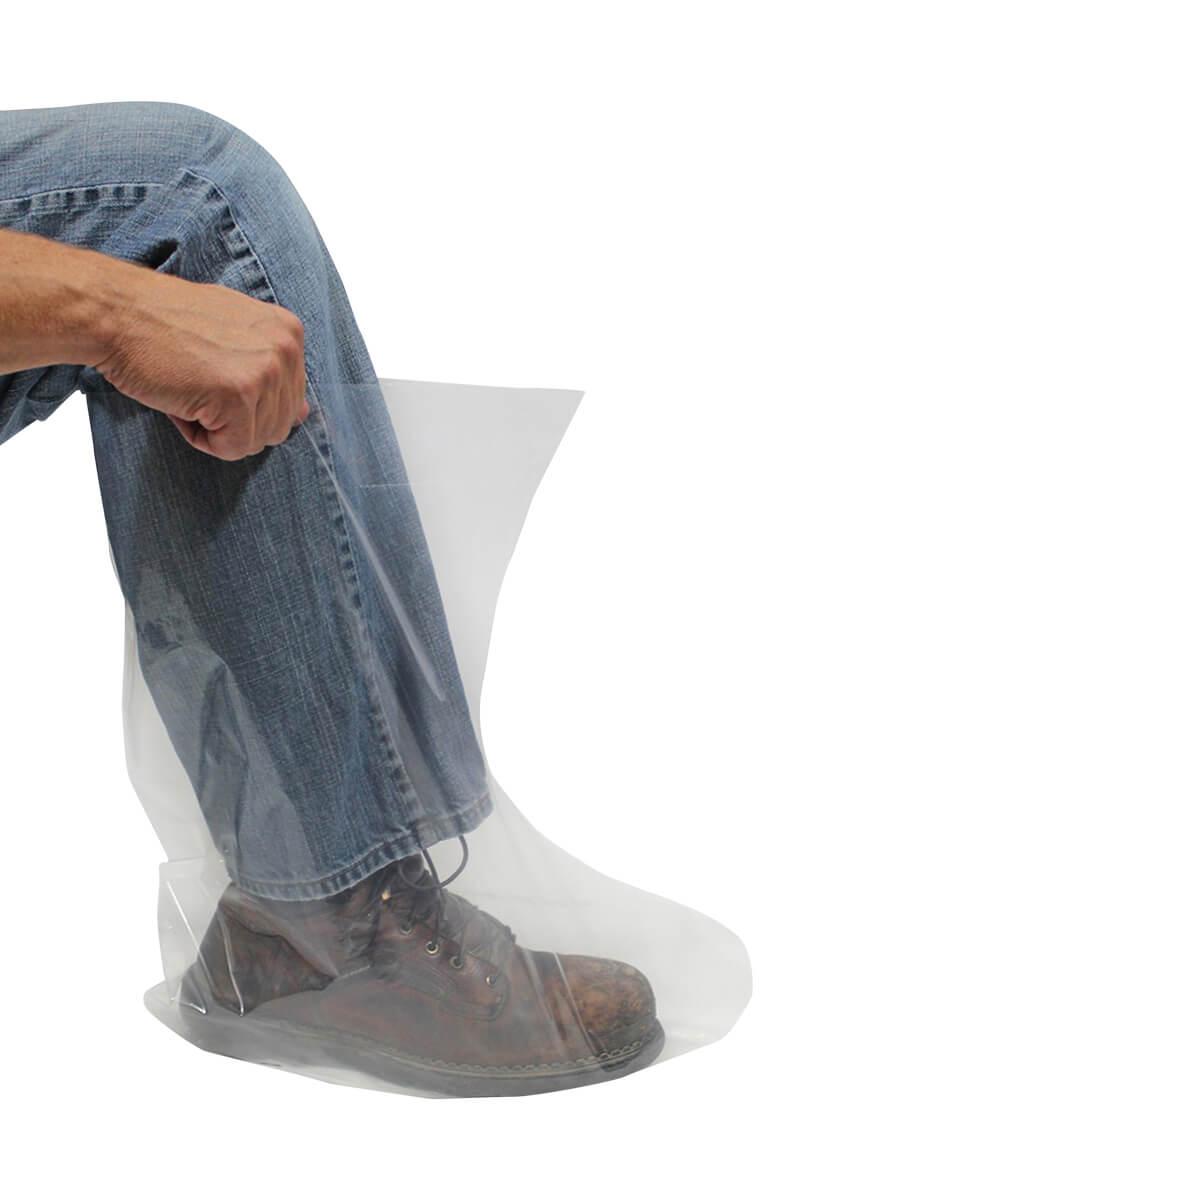 OB Boots 4 ml